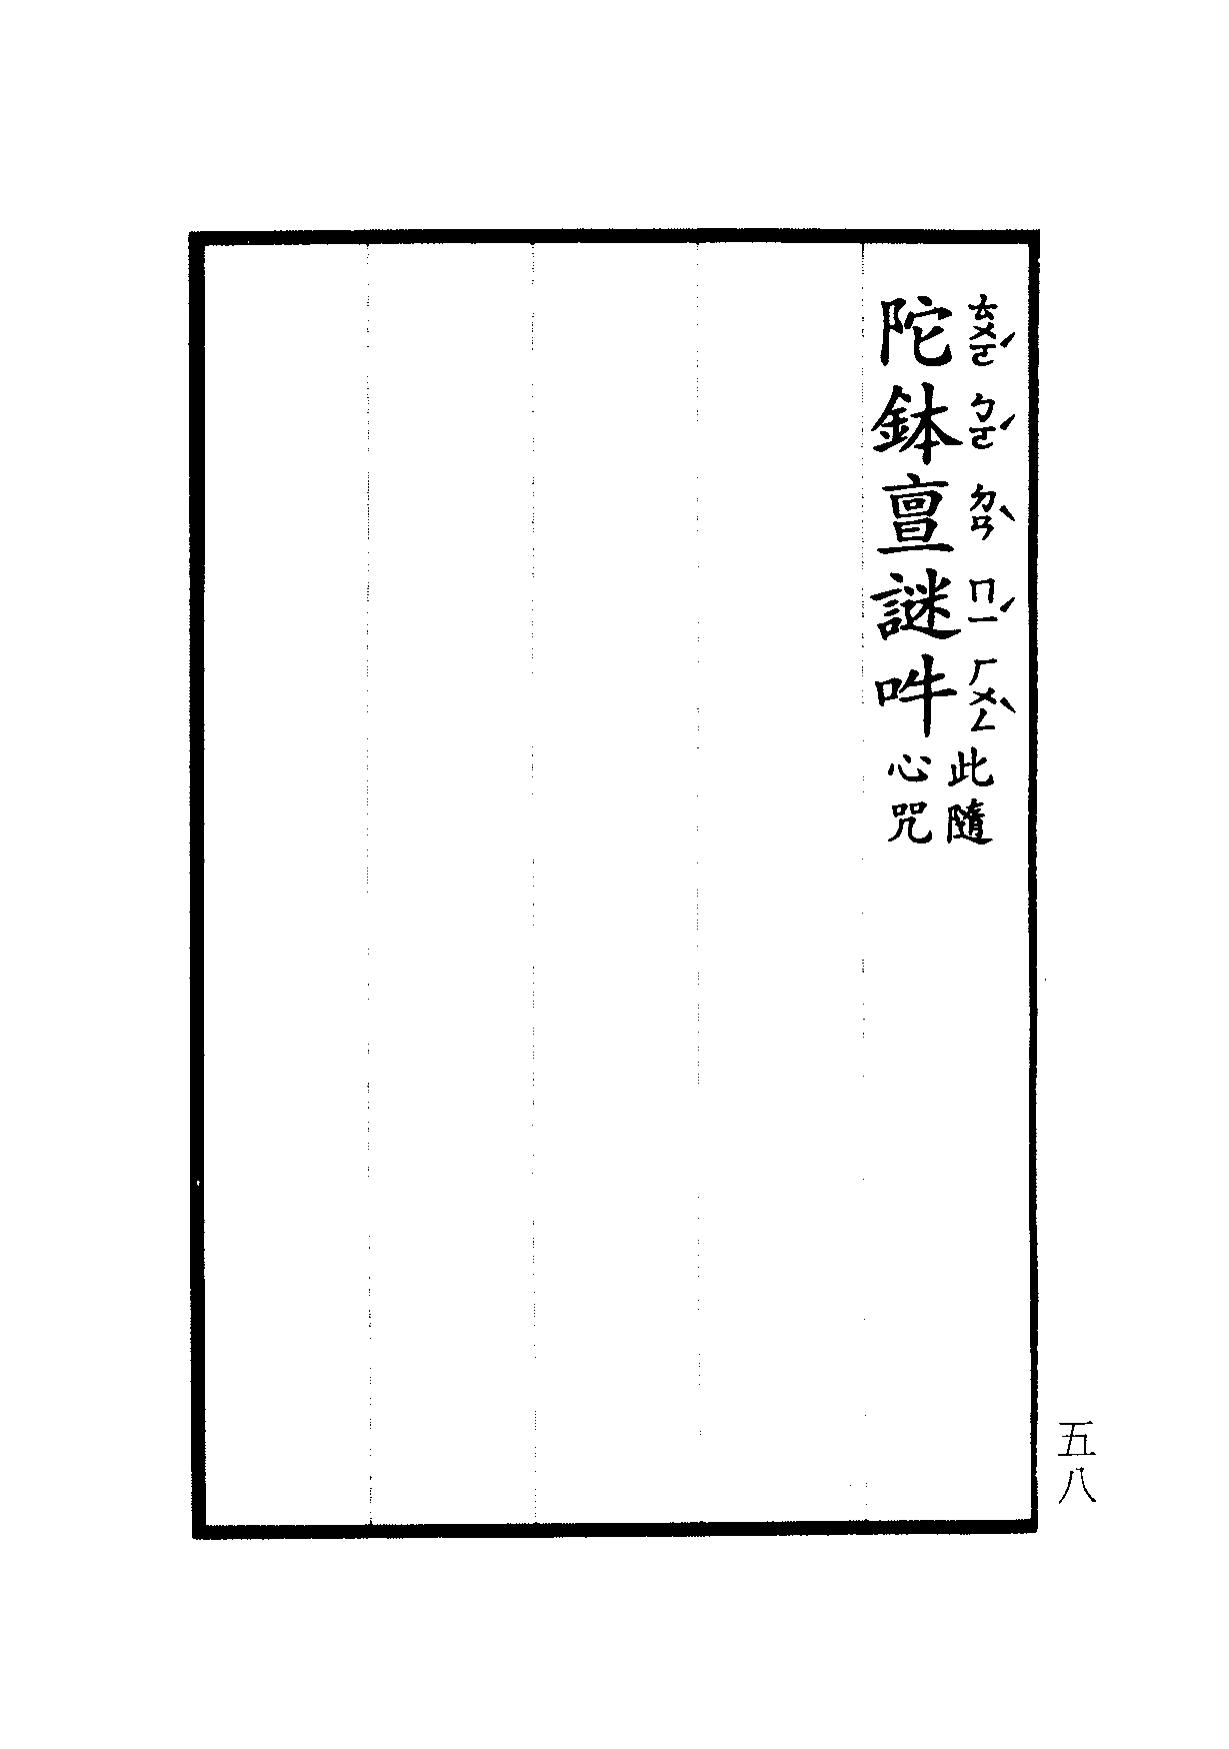 楞嚴咒-大悲咒-十小咒-易背本 64.png